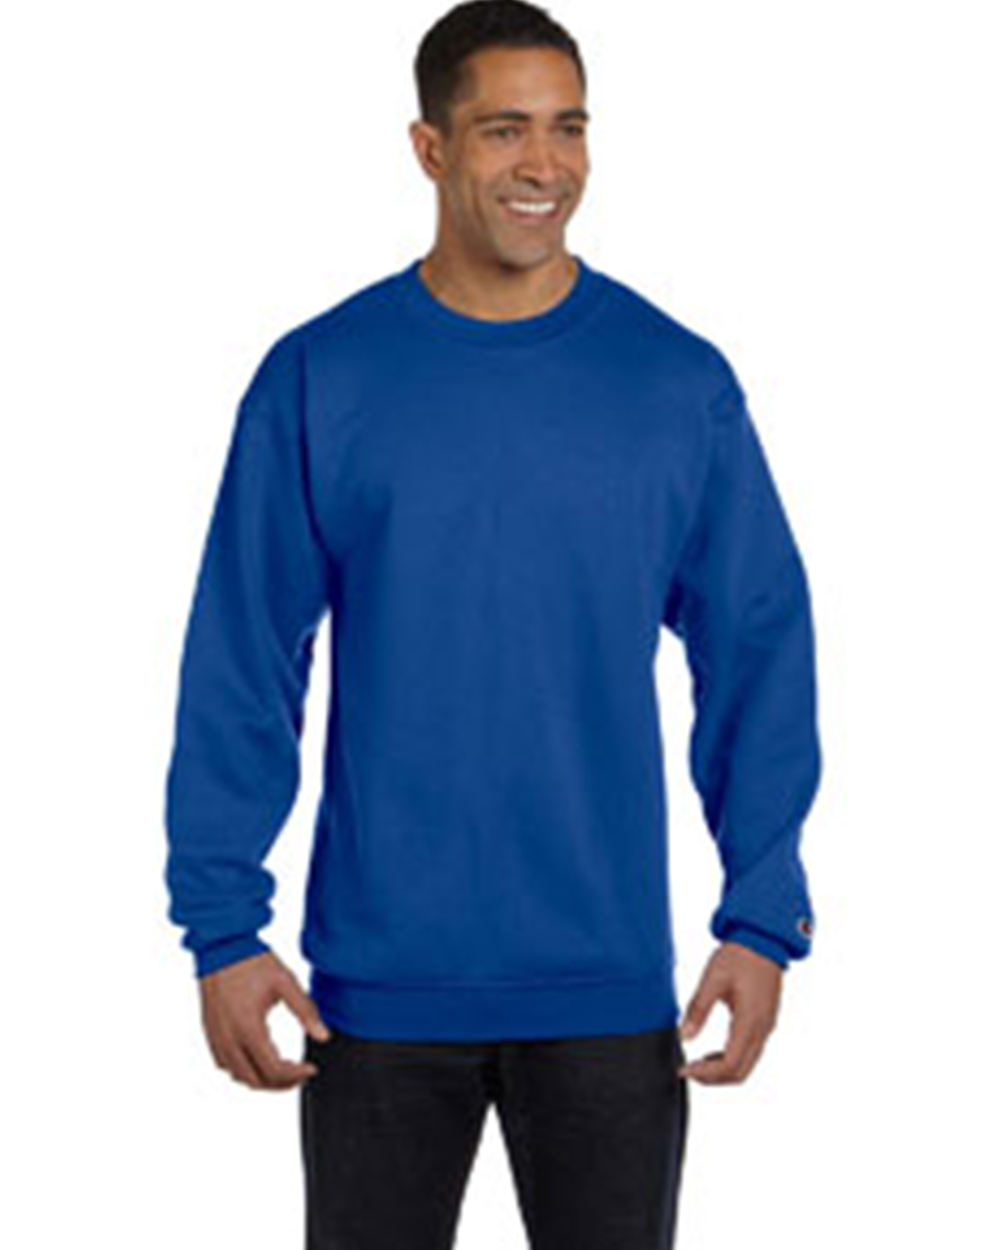 Double Dry Eco Crewneck Sweater